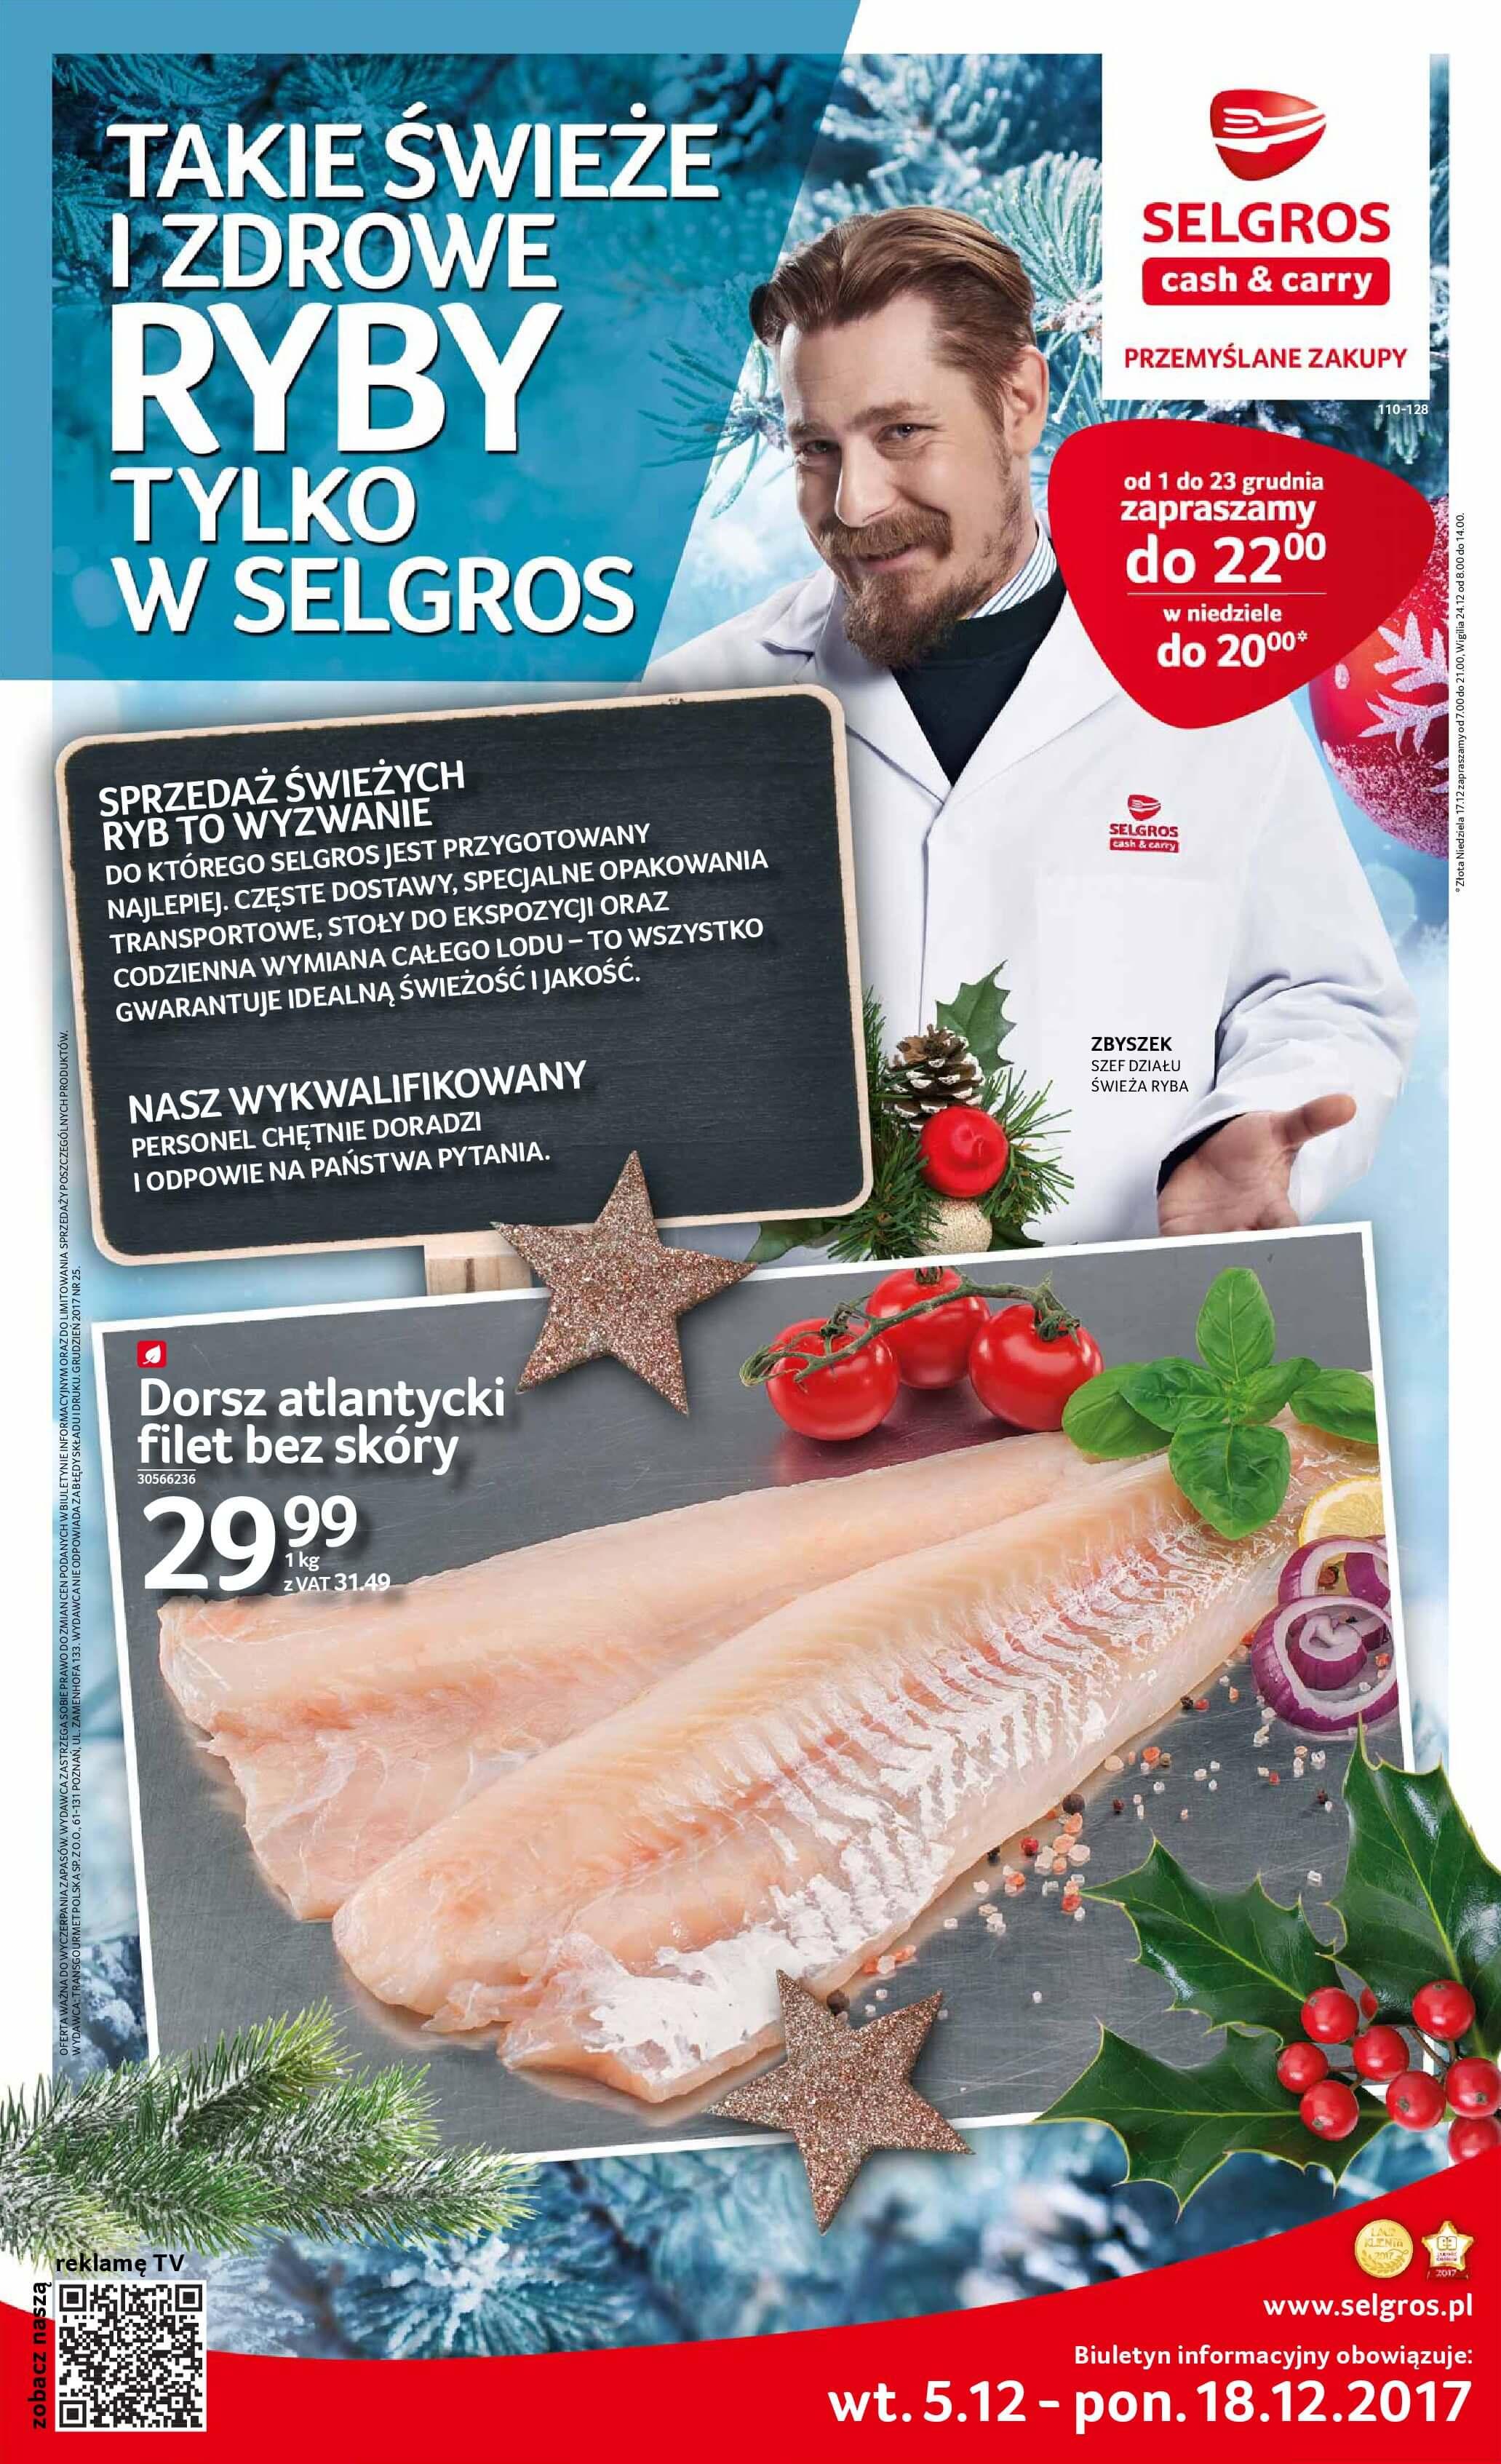 Gazetka Selgros - Świeże i zdrowe ryby-2017-12-04-2017-12-18-page-1